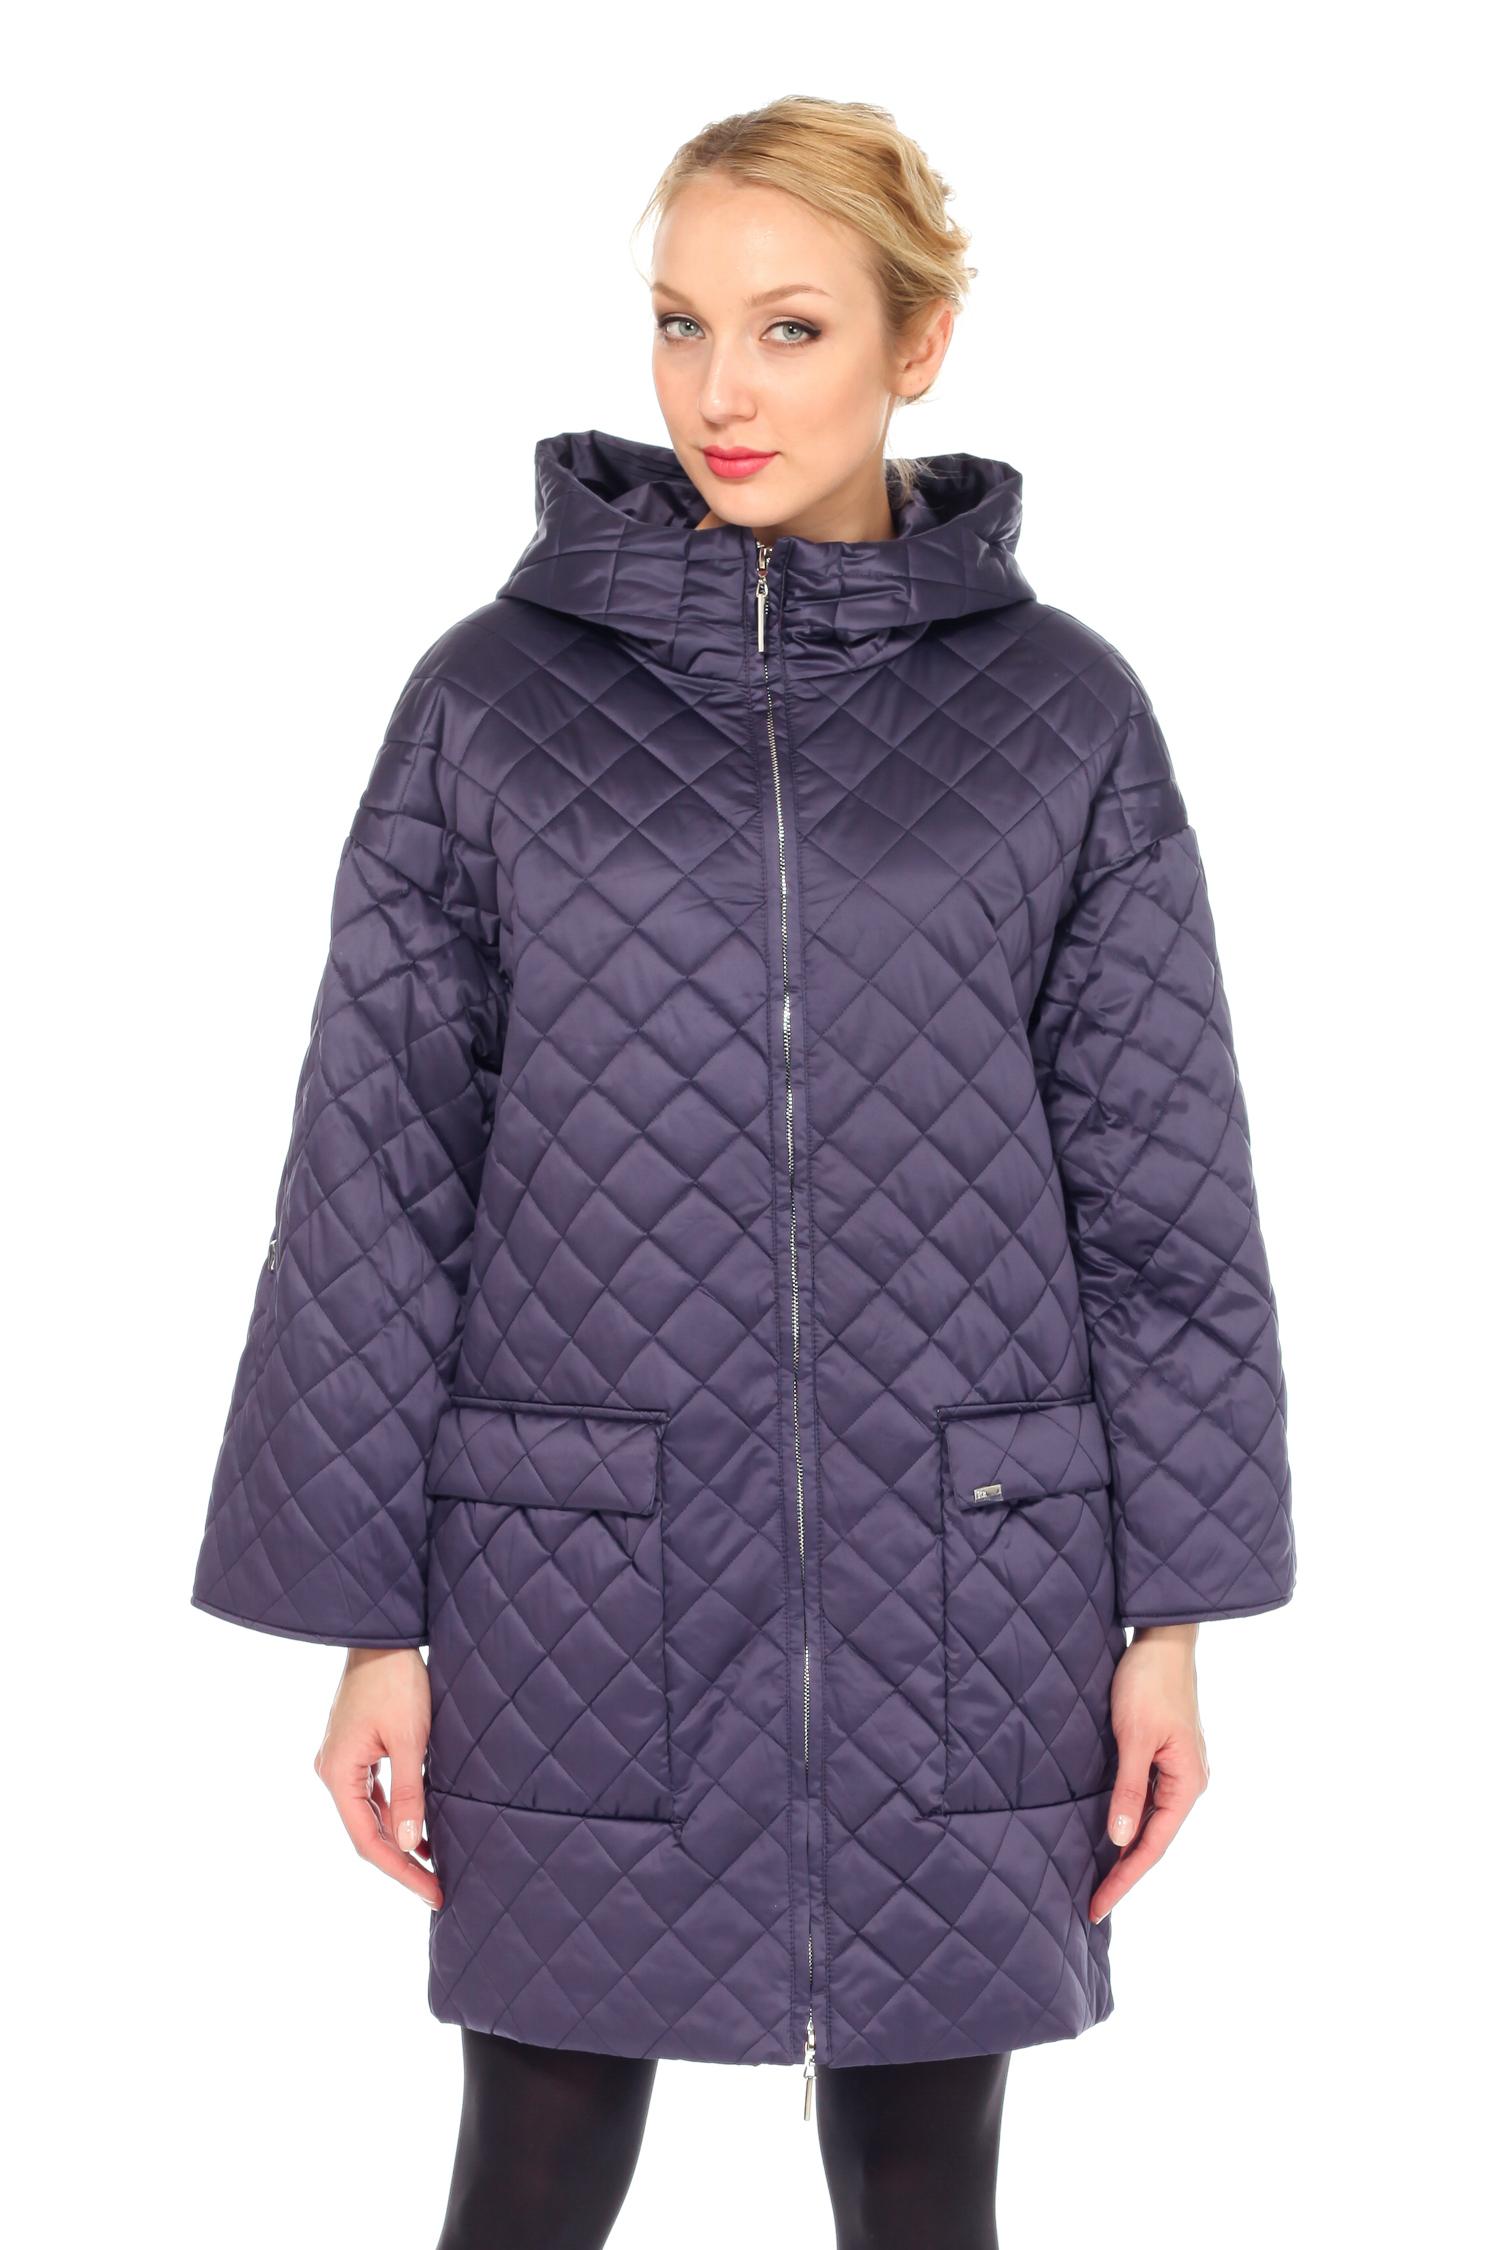 Плащ женский из текстиля с капюшоном, без отделкиПлащ от Московской меховой компании выполнен из текстиля фиолетового цвета.<br><br>Модель прямого силуэта с застежкой на молнию.<br><br>Детали: несъемный капюшон; рукава кроя реглан, длина фиксируется пуговицей; боковые карманы с застежкой на кнопки; пояс в комплекте; подкладка из полиэстера.<br><br>Воротник: капюшон<br>Длина см: Длинная (свыше 90)<br>Материал: Текстиль<br>Цвет: фиолетовый<br>Вид застежки: центральная<br>Застежка: на молнии<br>Пол: Женский<br>Размер RU: 54